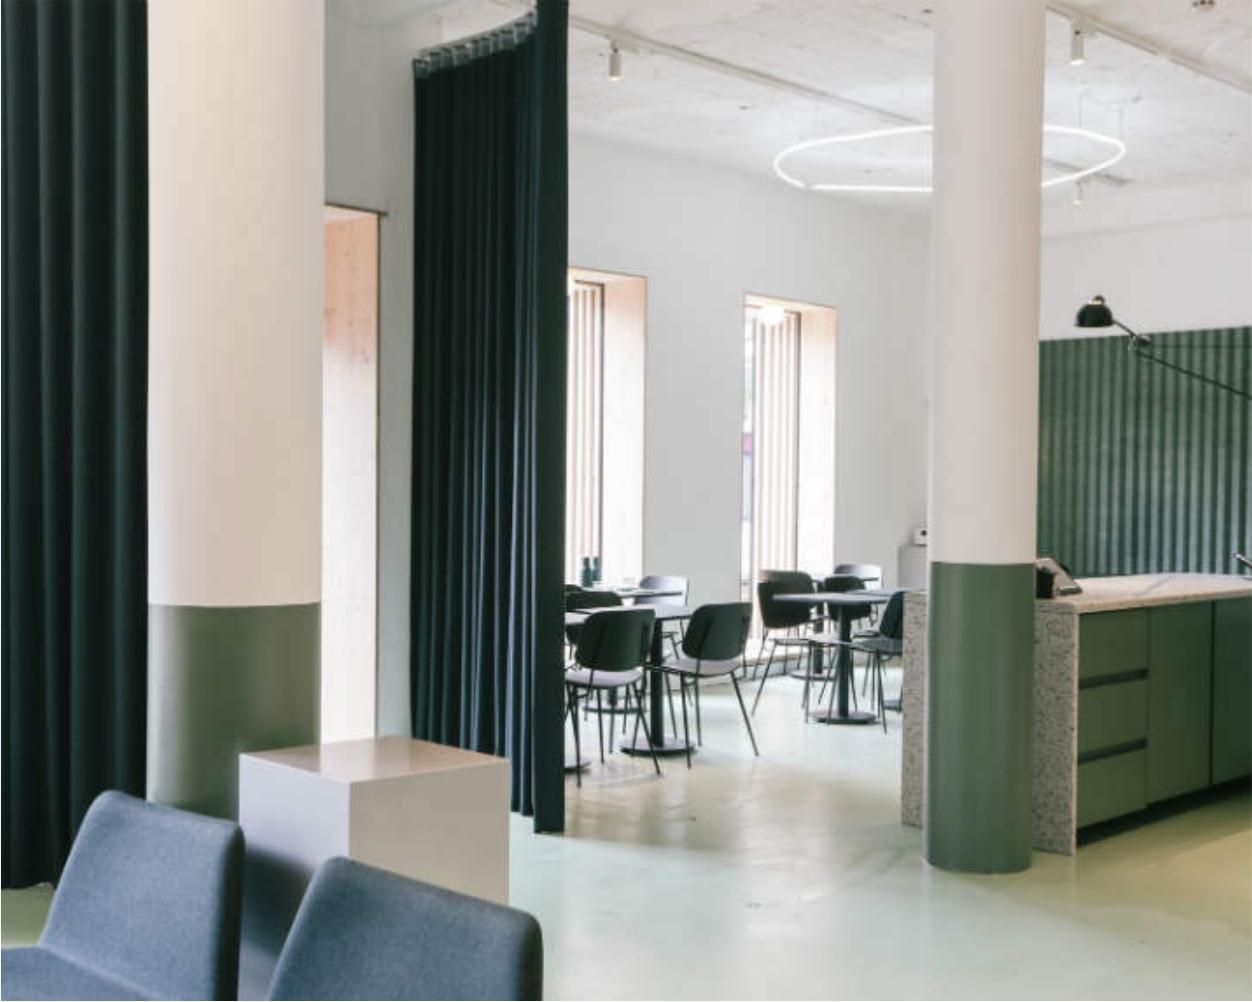 Placări acustice pereți - amenajări, design interior de lux